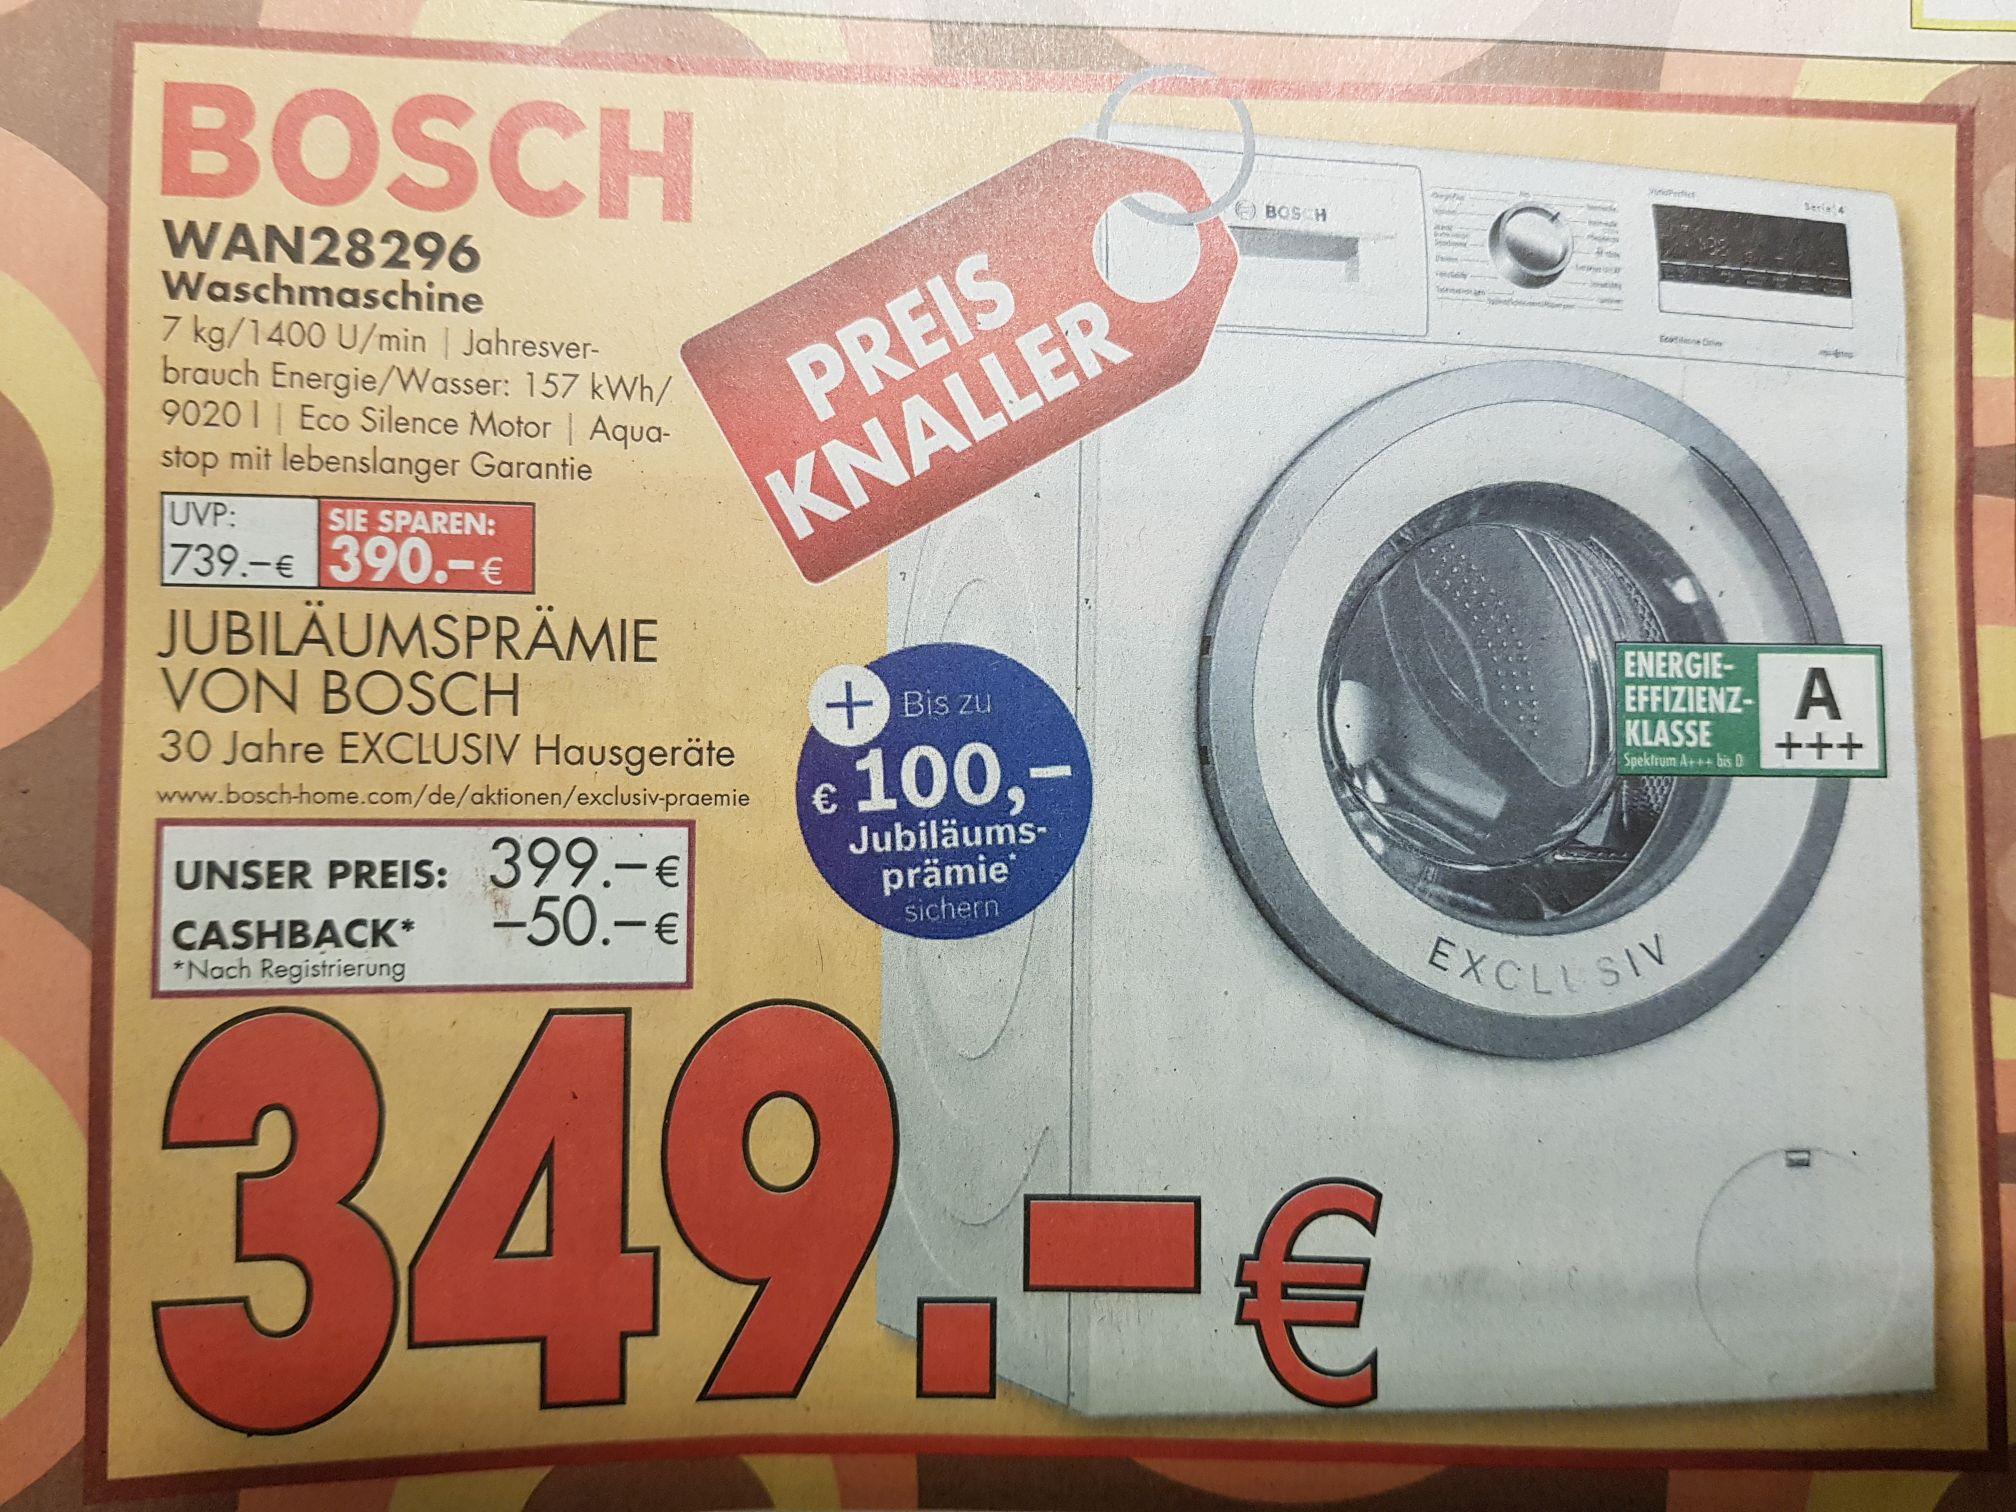 Hirsch & Ille Ludwigshafen, Bosch Waschmaschine WAN28296, dank Cashback 349 €